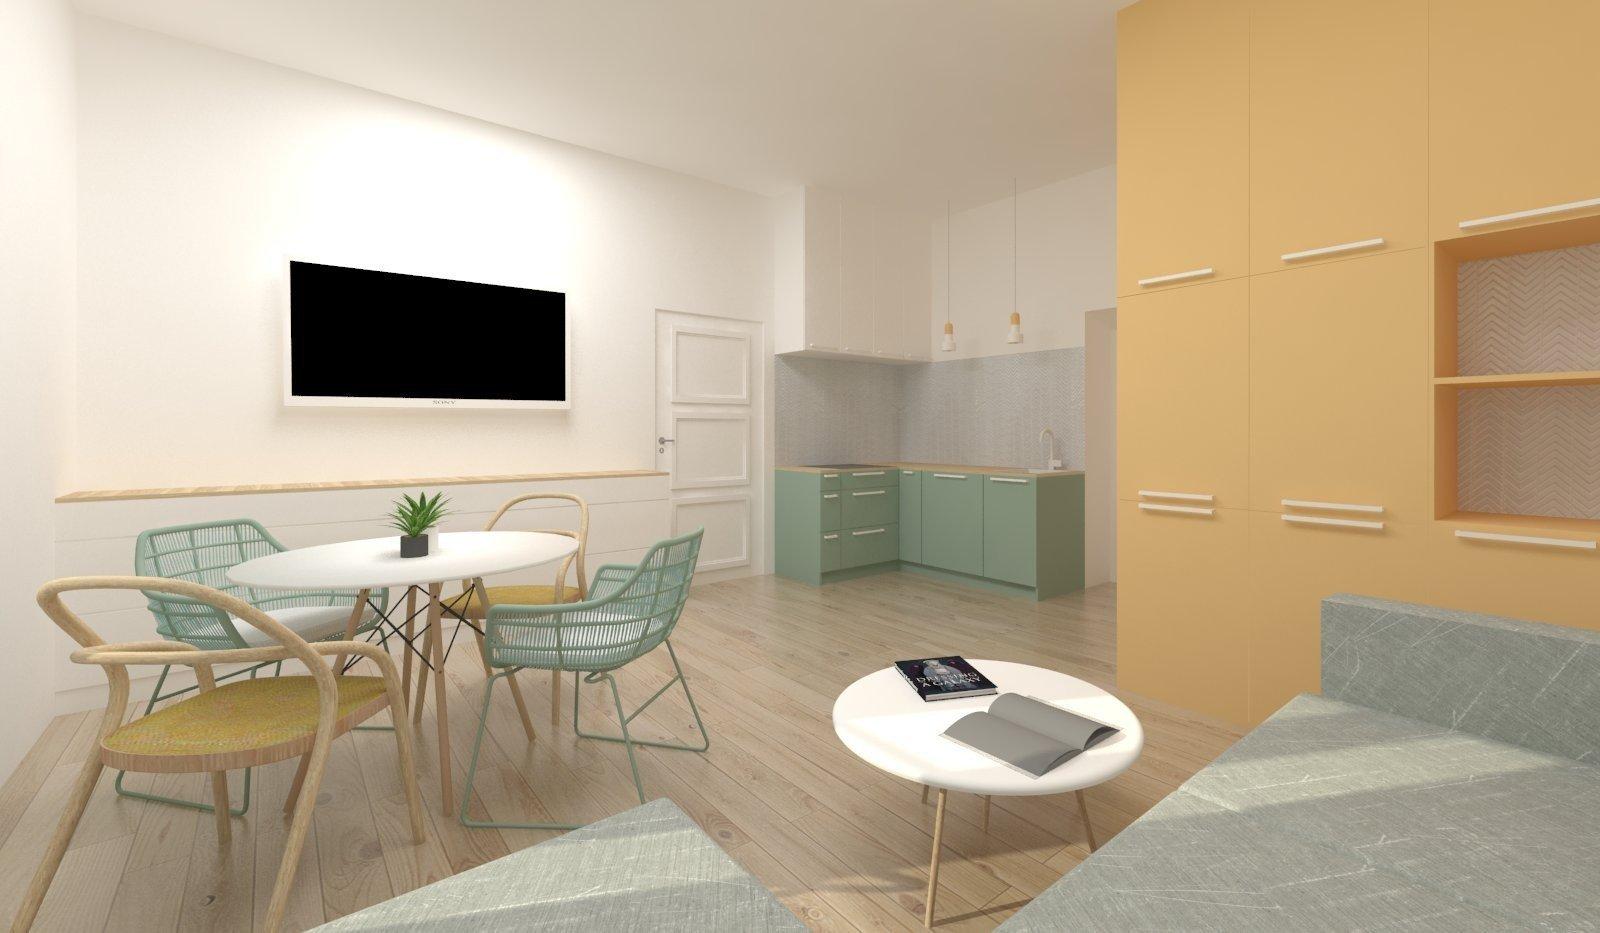 Starý byt včinžovním domě prošel kompletní rekonstrukcí. Cílem tohoto lowcost projektu bylo spoužitím velmi limitovaných prostředků vytvořit…